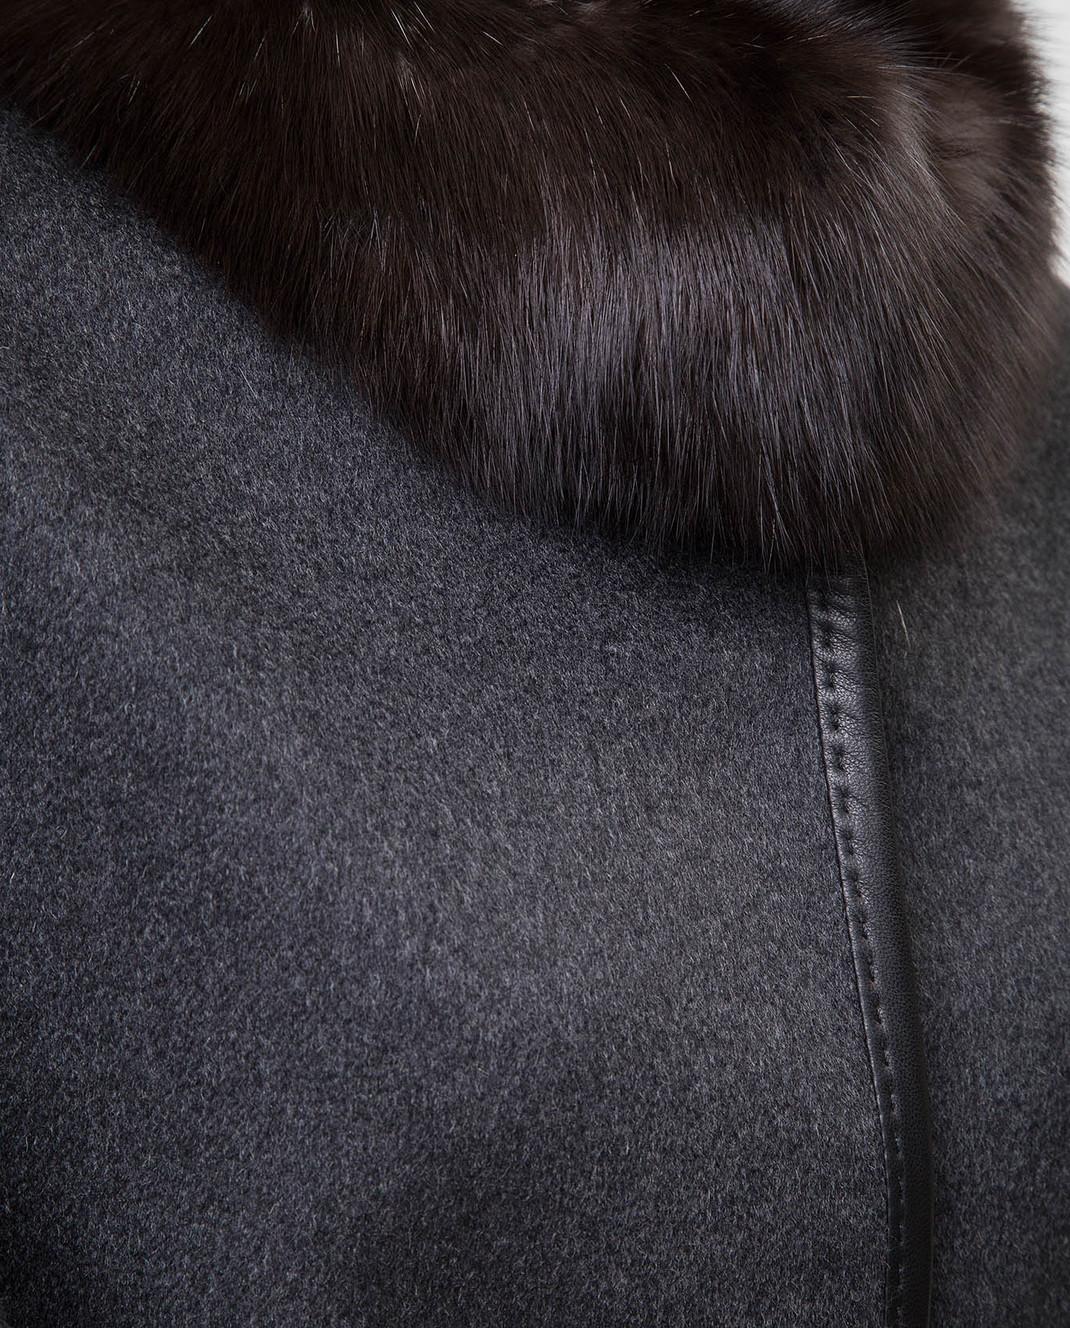 Real Furs House Темно-серое пальто CSR7177 изображение 5